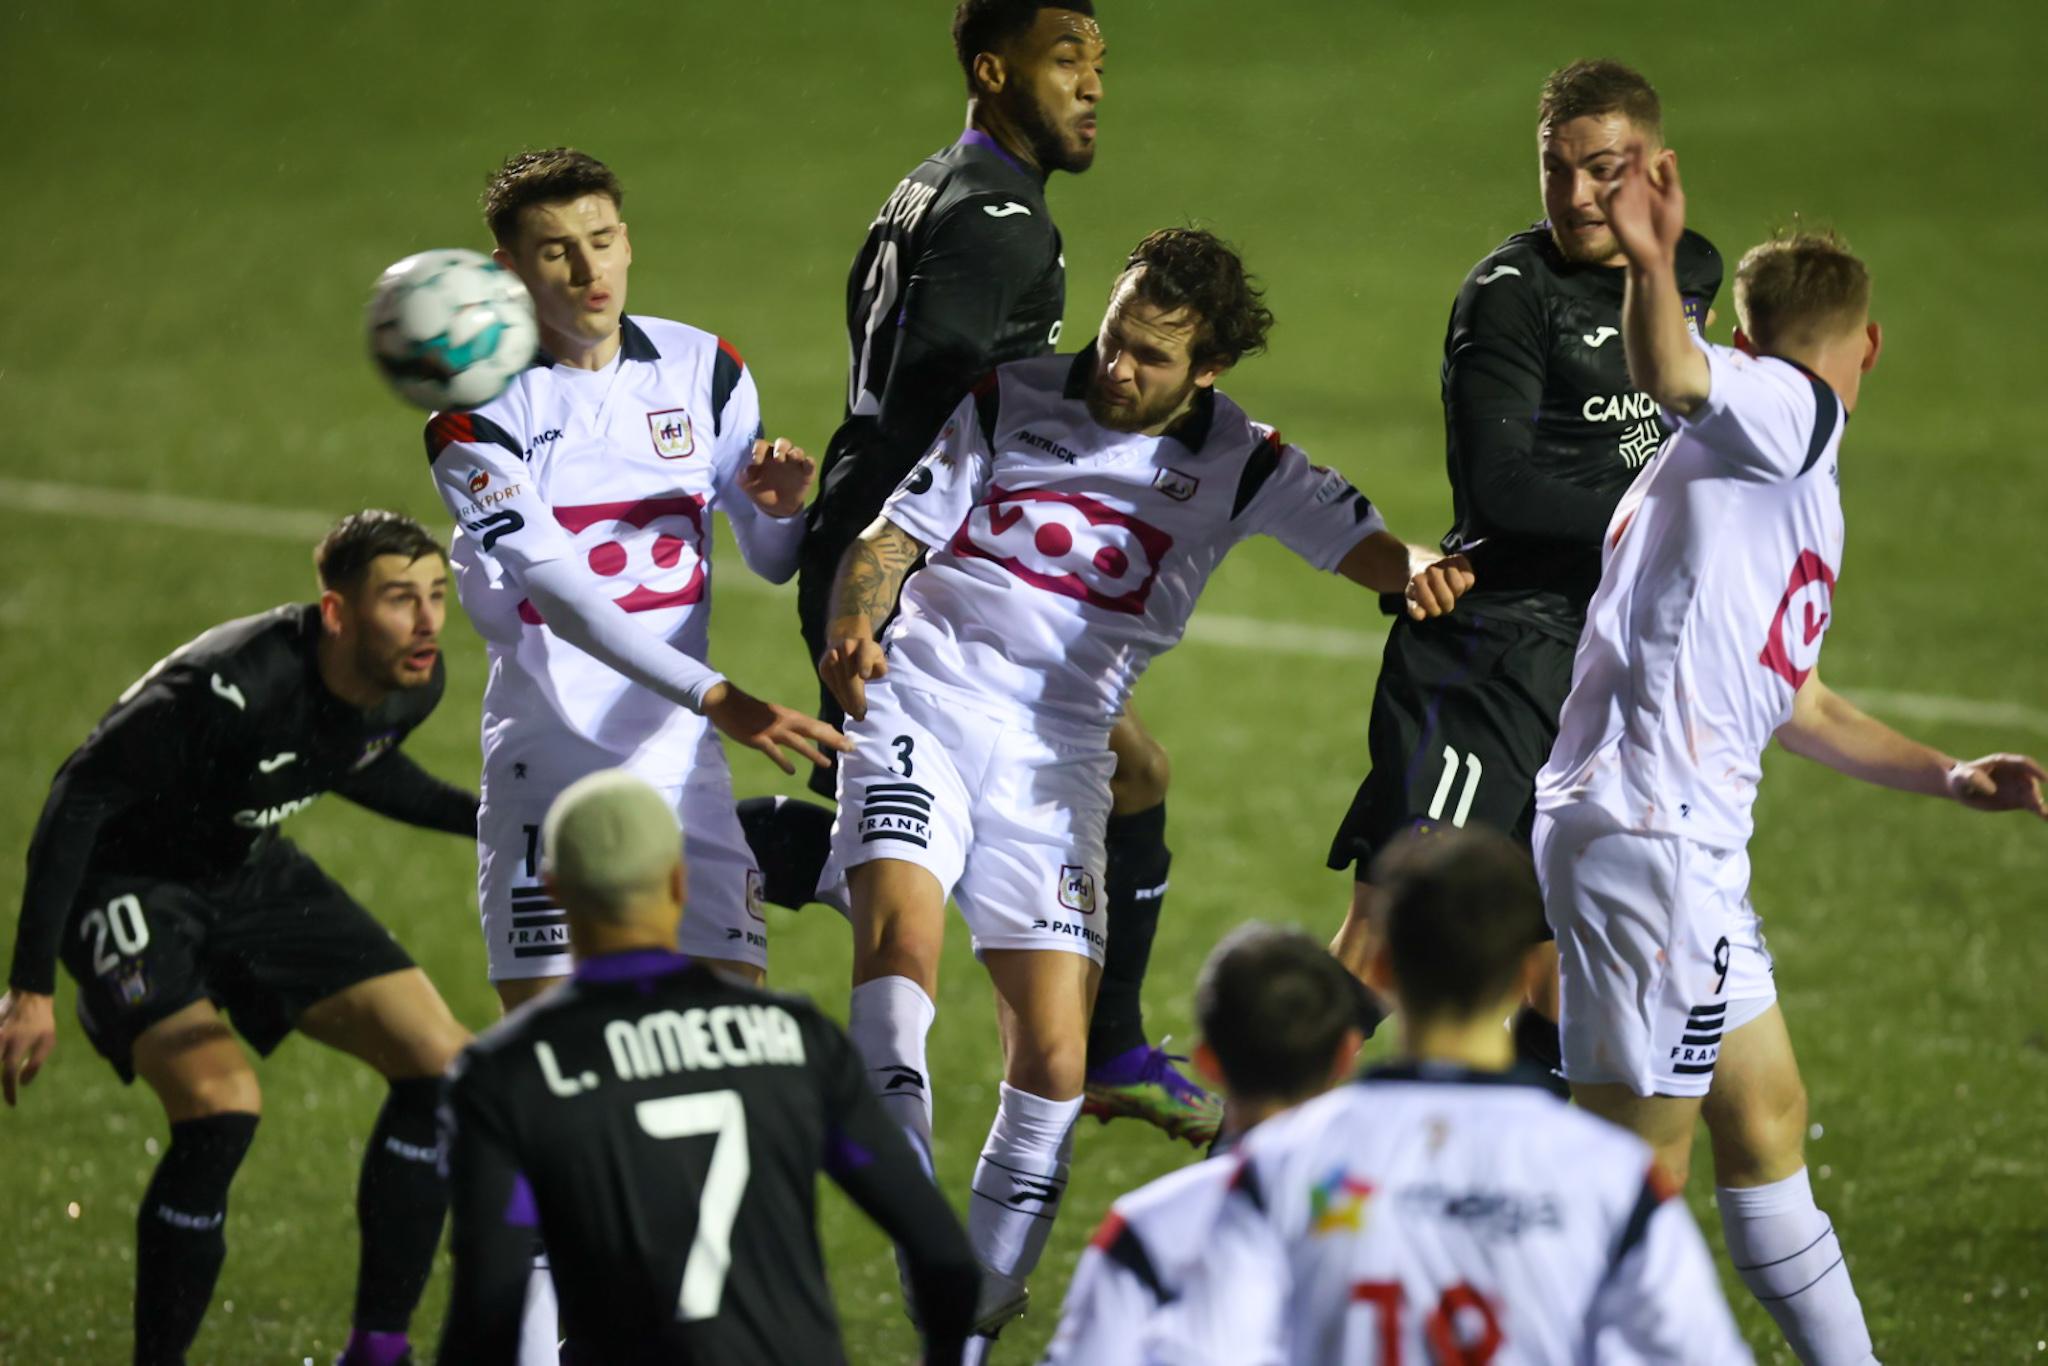 Coupe | RFC Liège-Anderlecht 0-2 (RFCL TV)